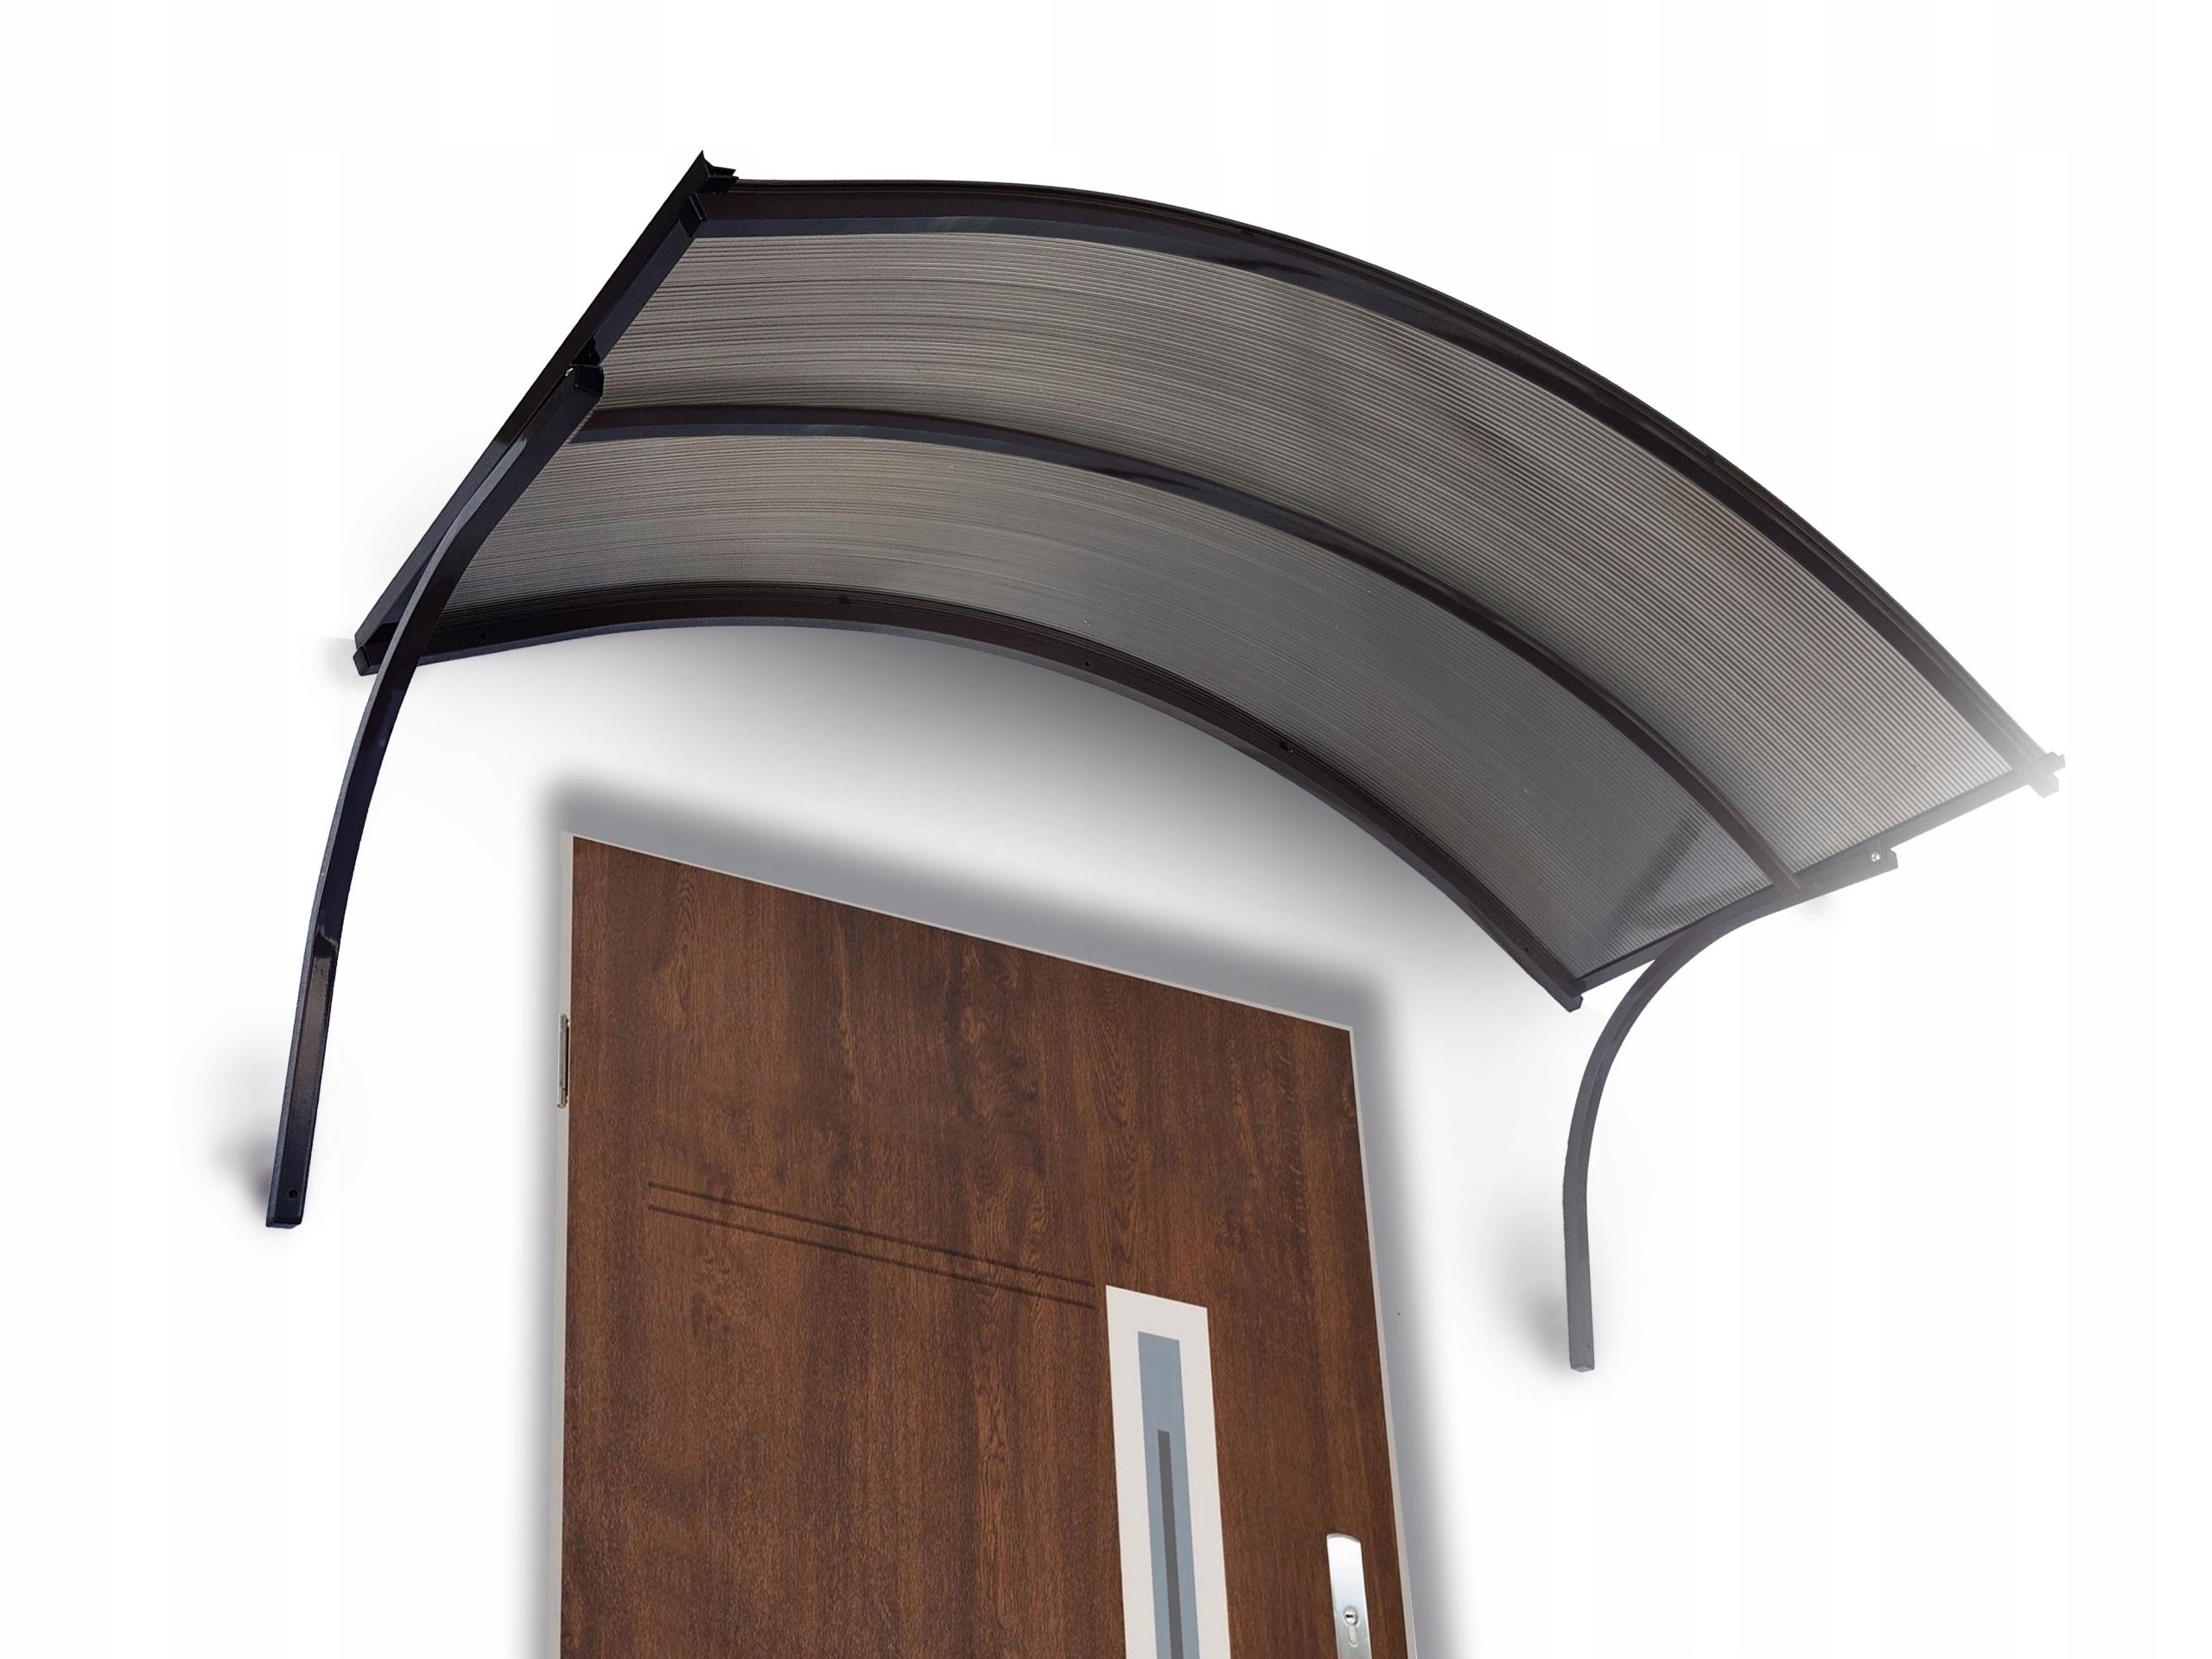 Strieška nad dvere, hliníkový prístrešok 170x25x90